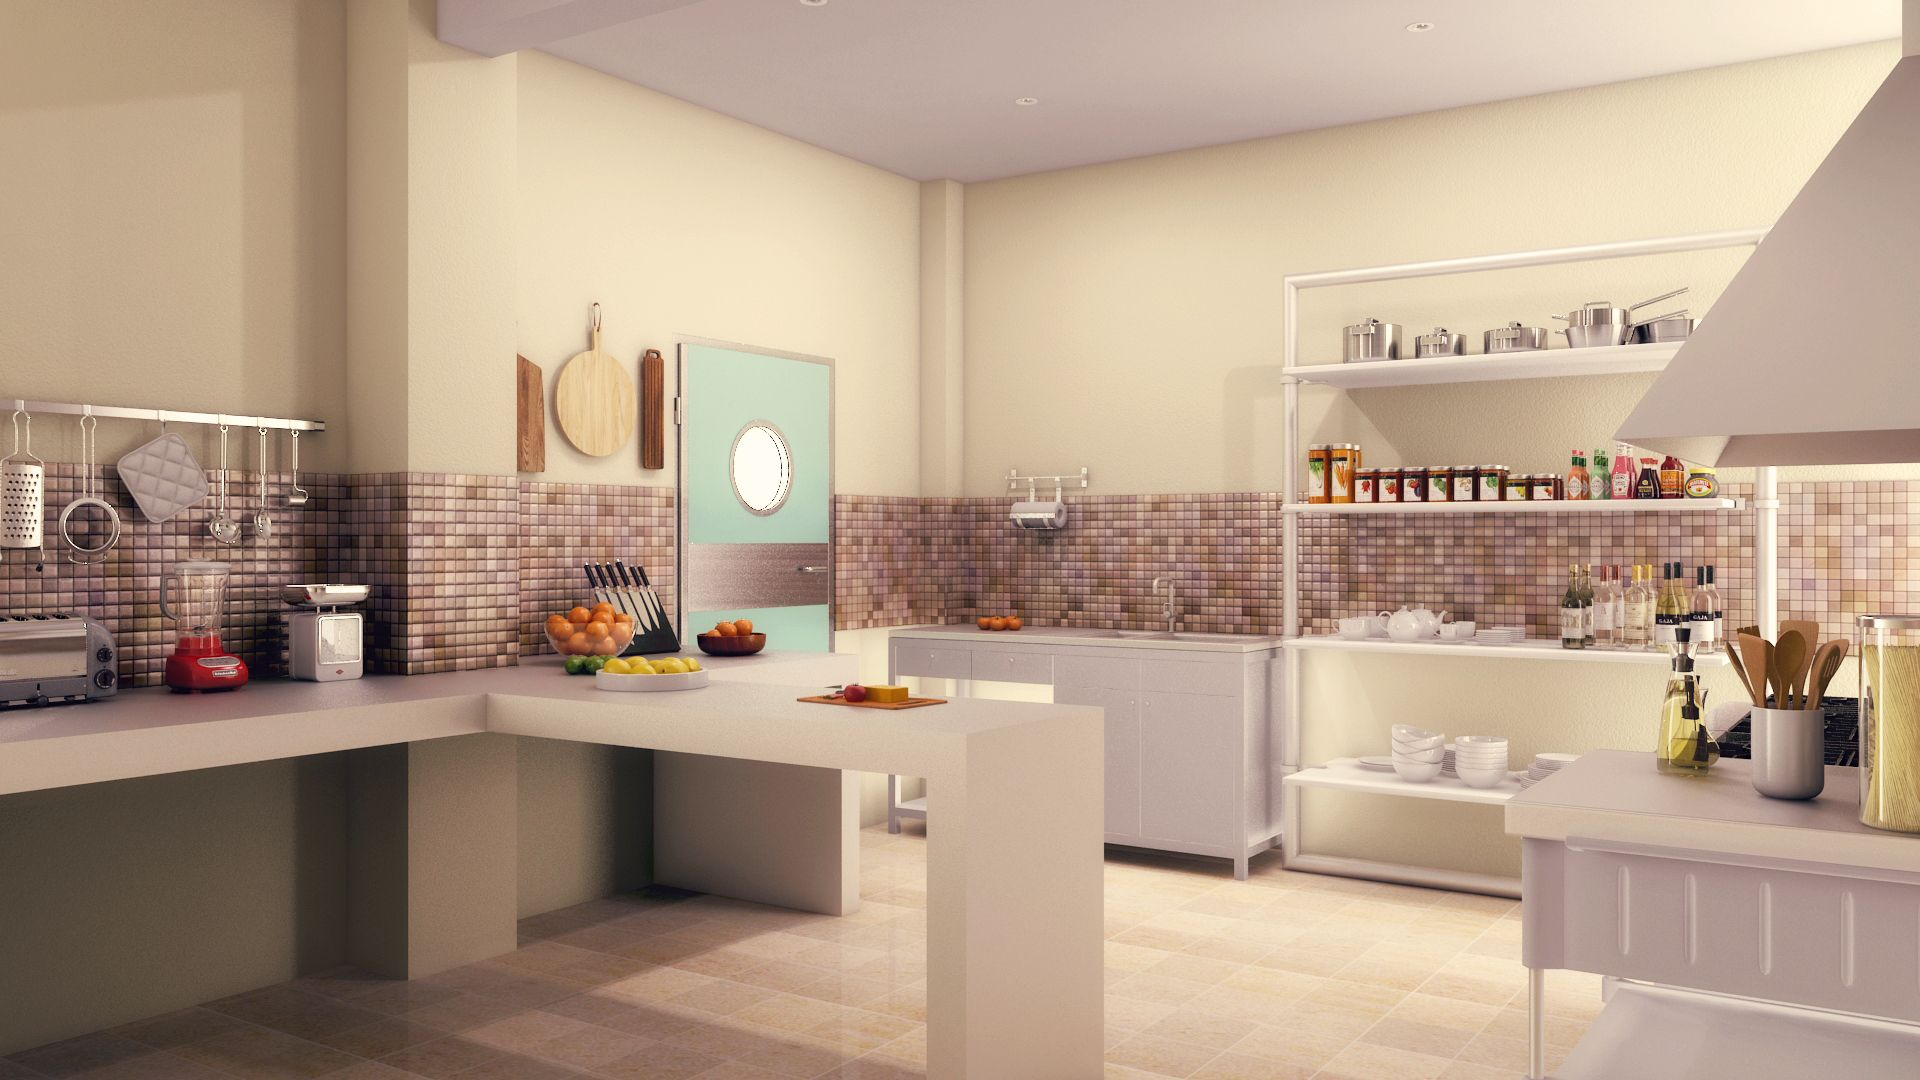 Cocina para salon de eventos dise o y render arq abraham - Diseno de salon ...